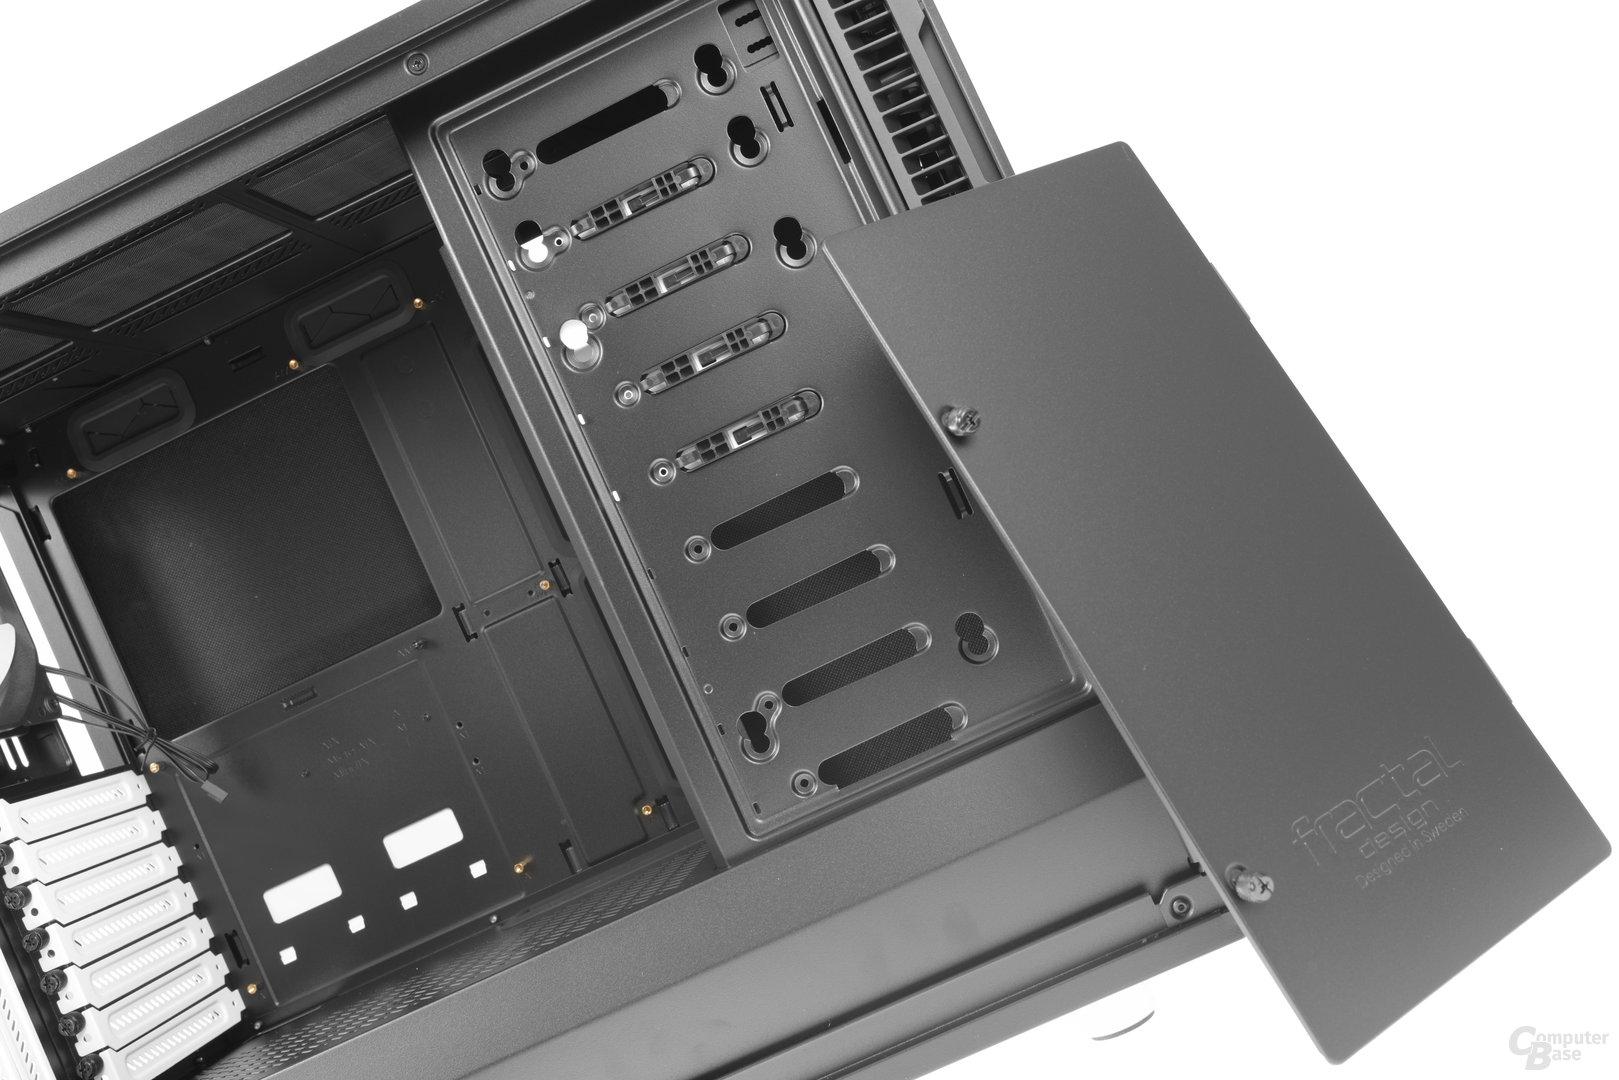 Fractal Design Define R6 – Abdeckung am Festplattenkäfig entnommen